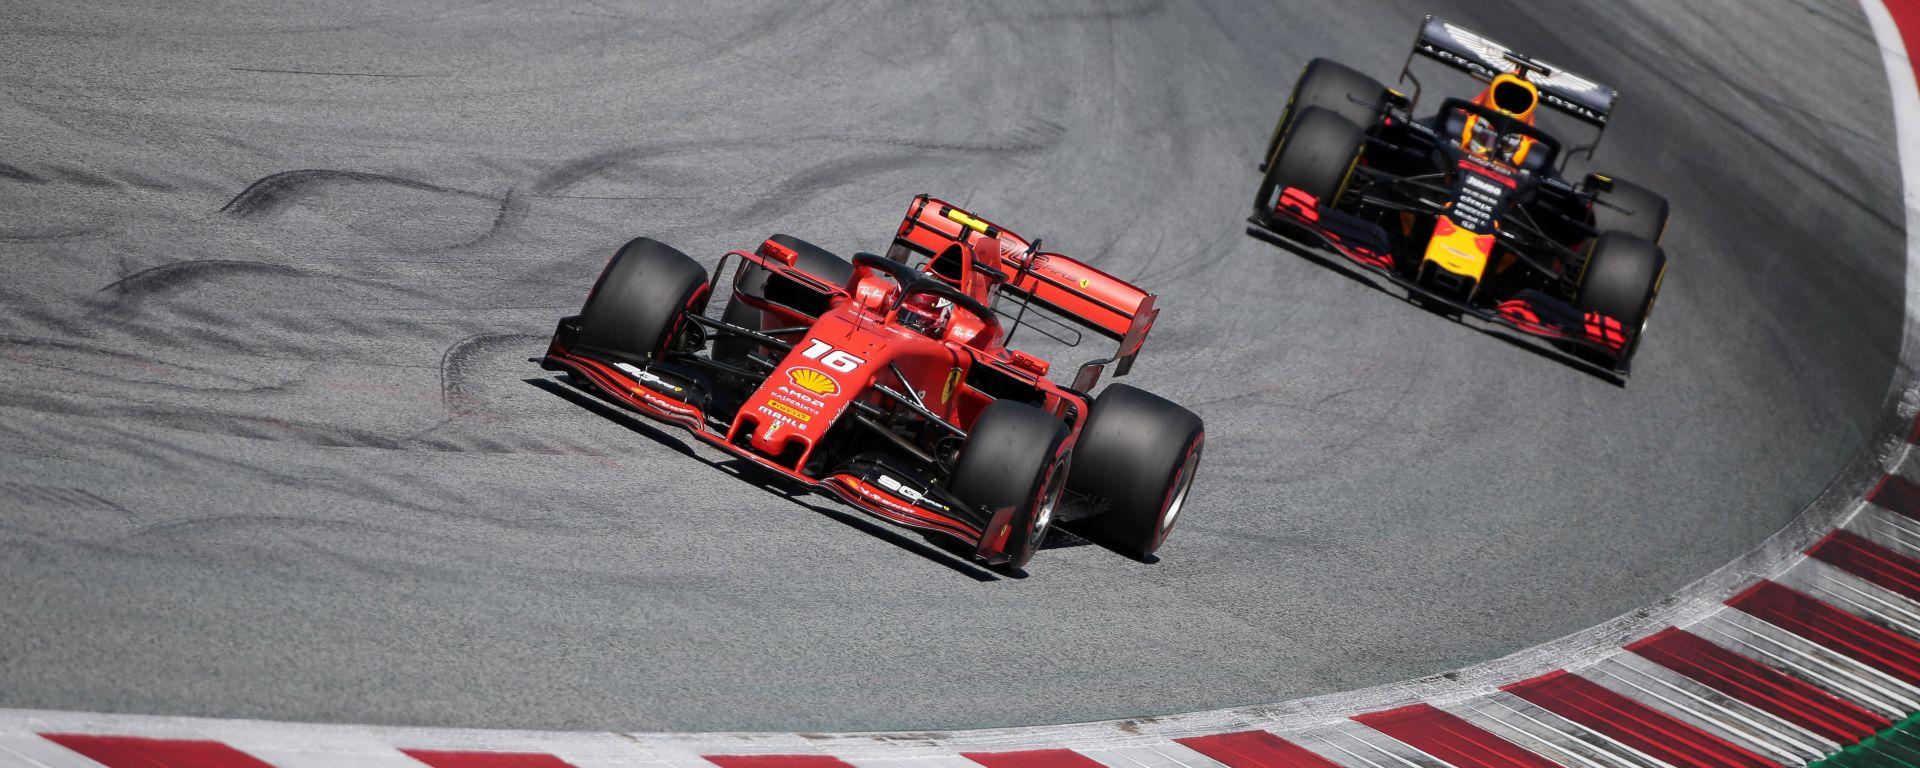 GP Austria: Verstappen vittoria sub-judice, poi la conferma! Deluso Leclerc